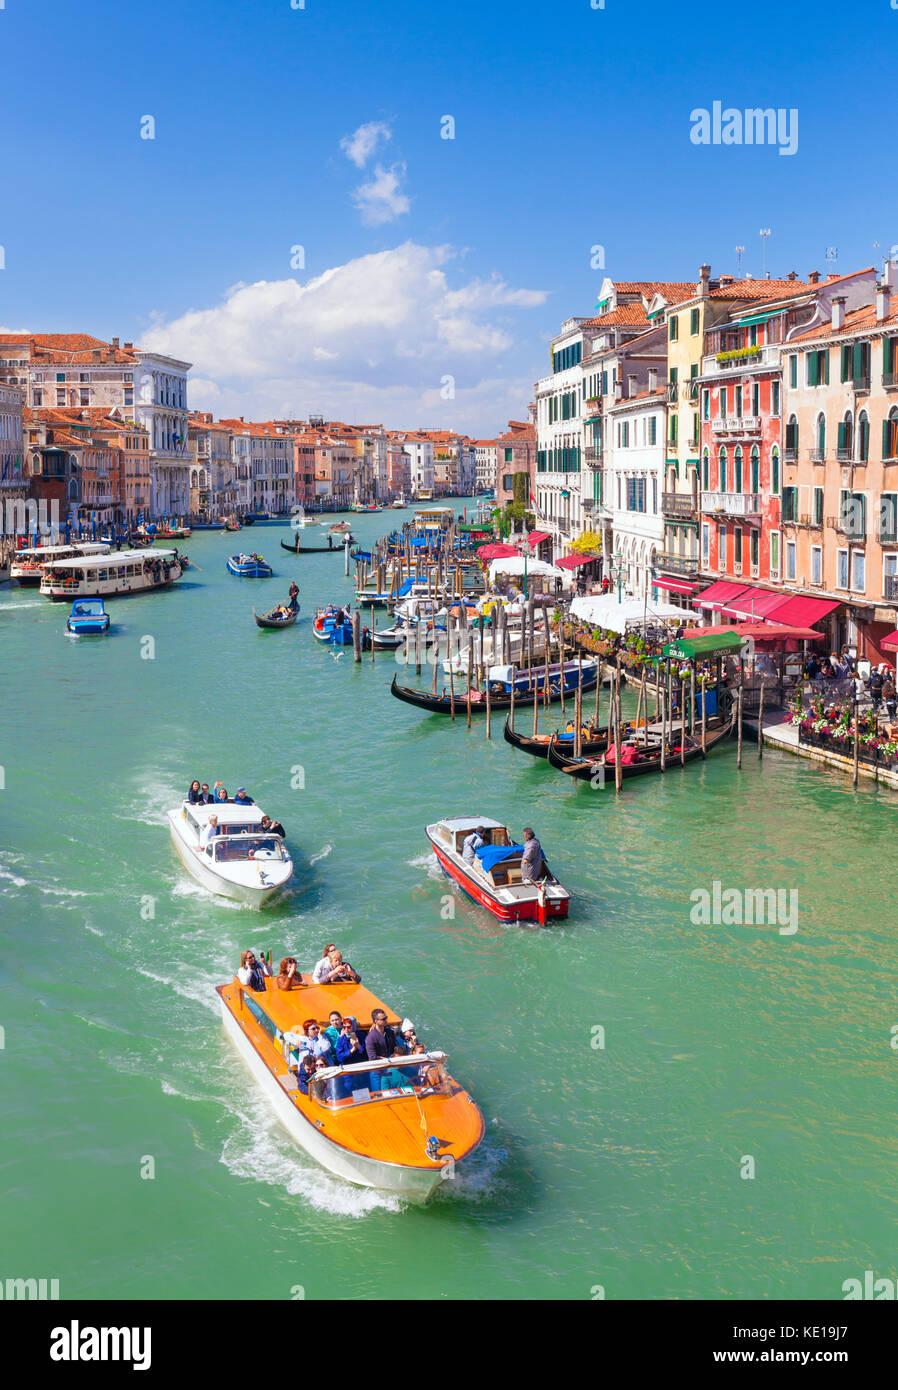 Venise Italie Venise actv Vaporettos taxi ou bus de l'eau et de petits bateaux à moteur Venise Grand Canal Photo Stock